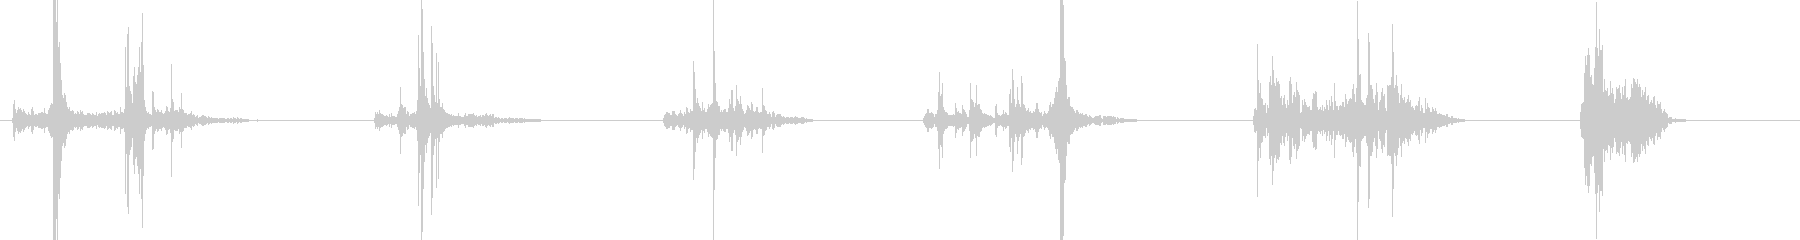 告白ボックス3;オープンとクローズ...の未再生の波形